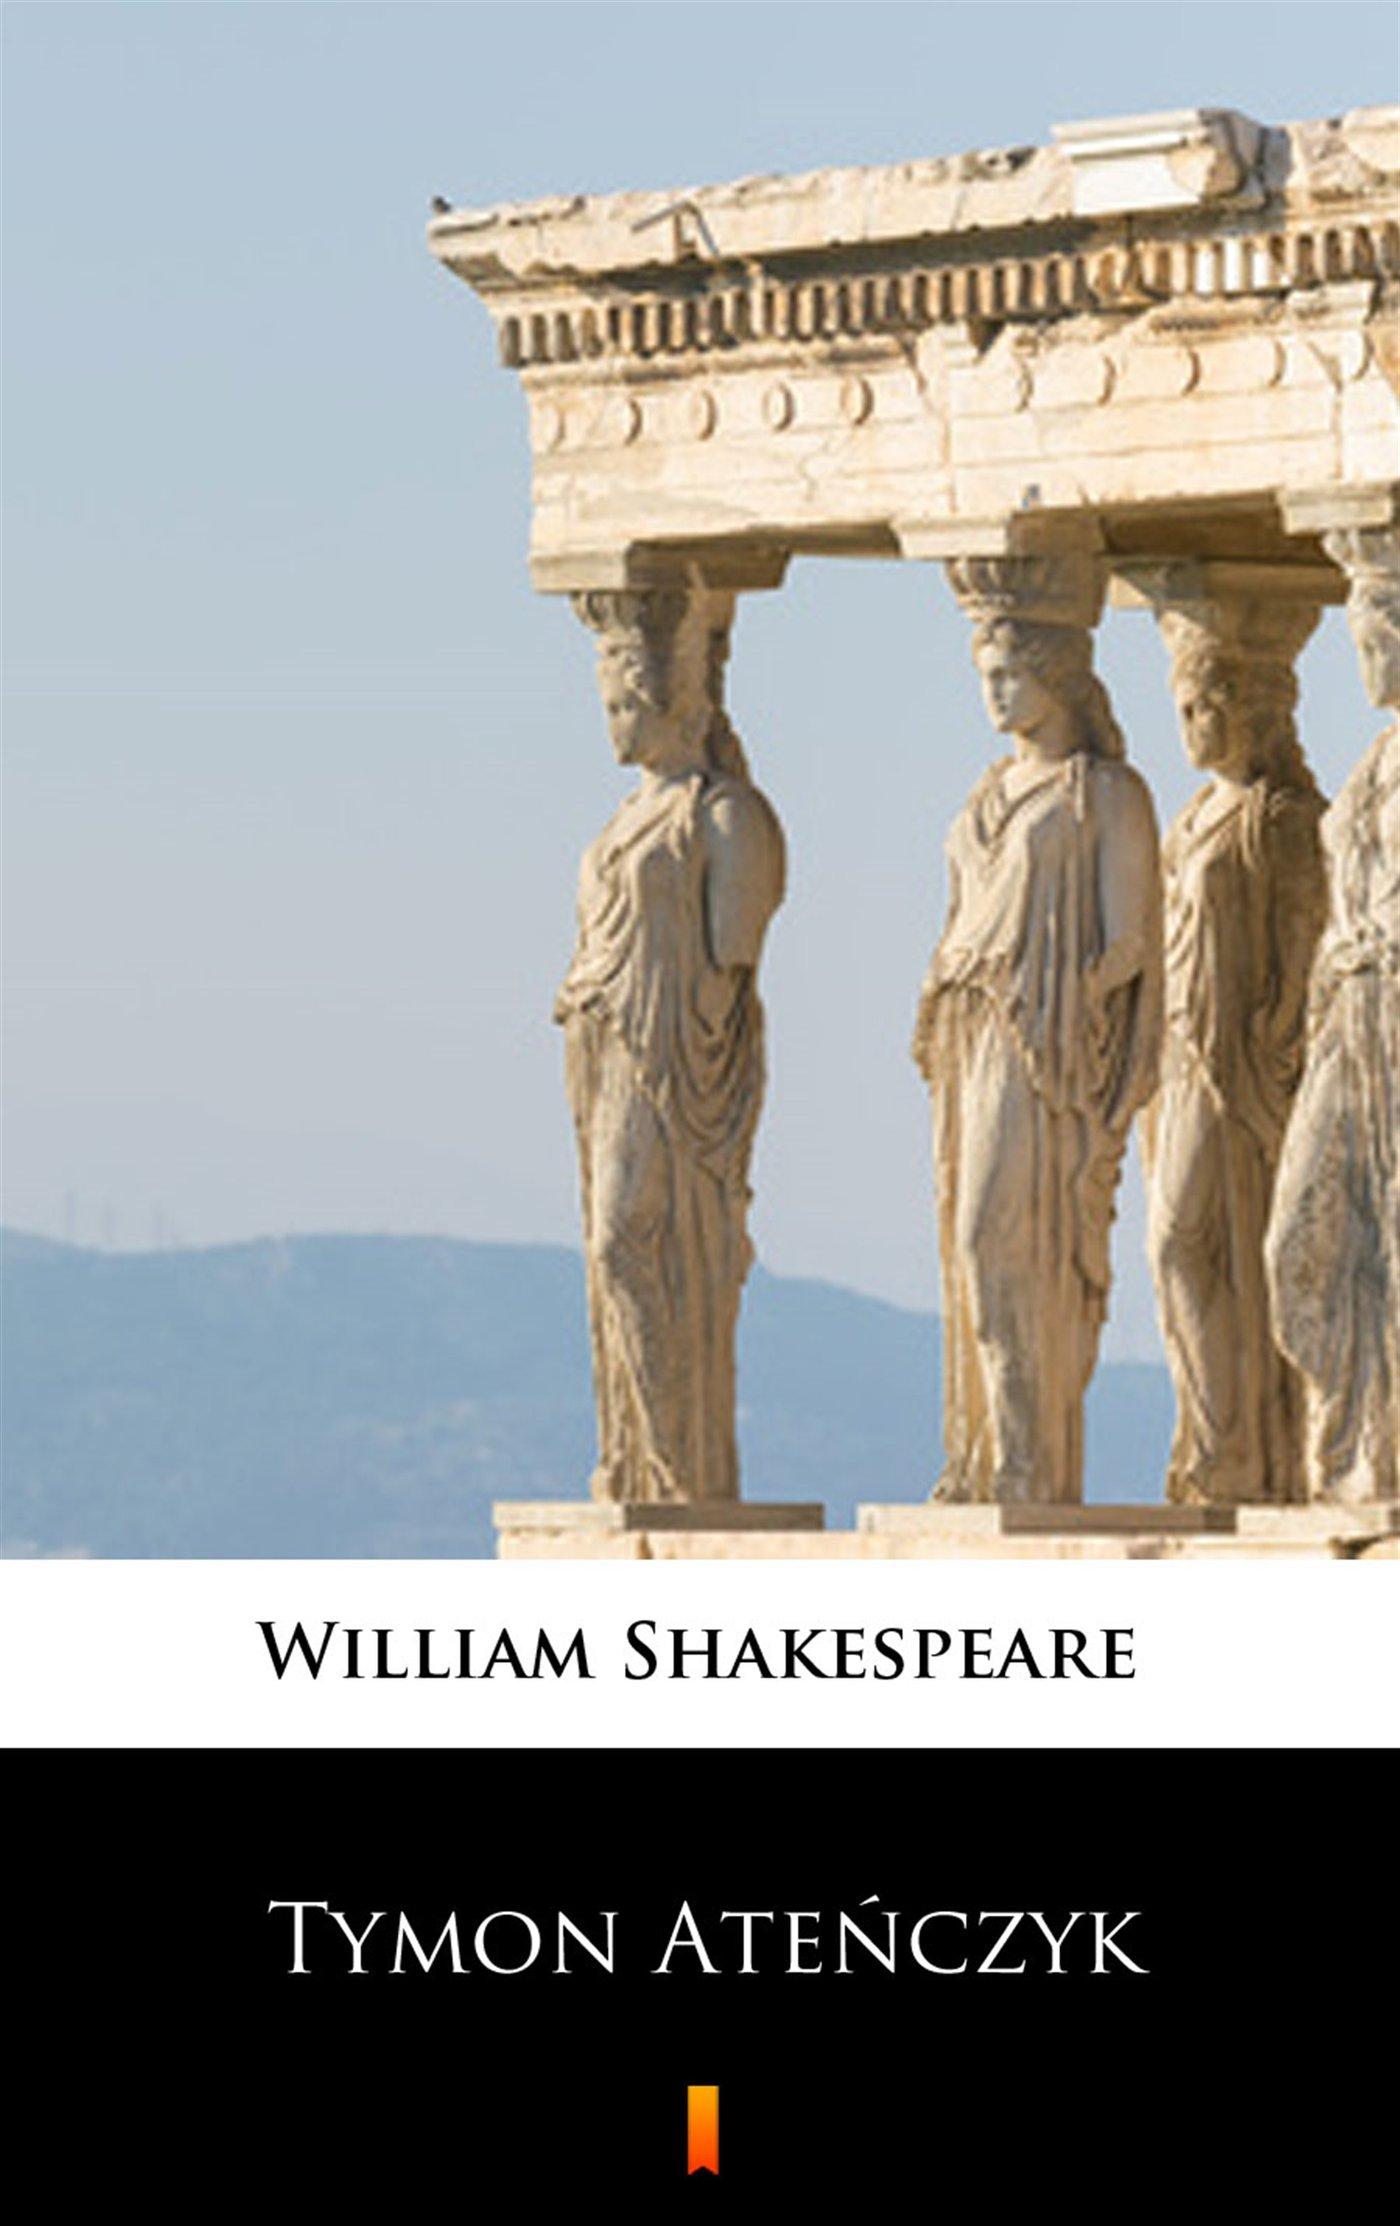 Tymon Ateńczyk - Ebook (Książka na Kindle) do pobrania w formacie MOBI